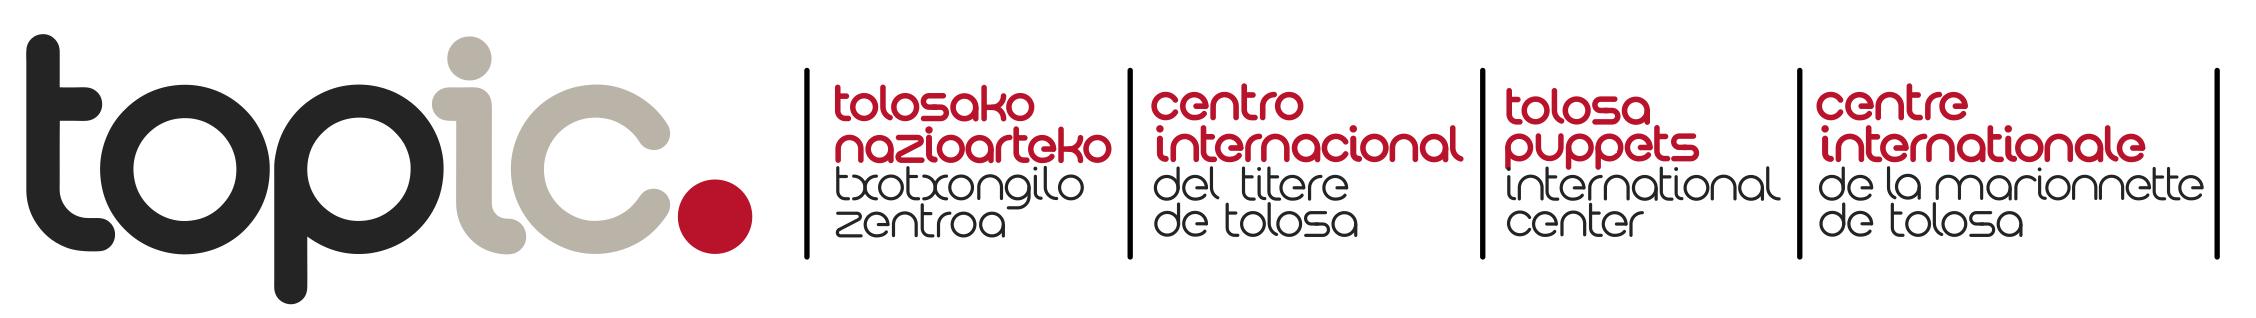 Directorio Topic Tolosa Guipúzcoa recursos, museos, restaurantes, hoteles, bares, tiendas,